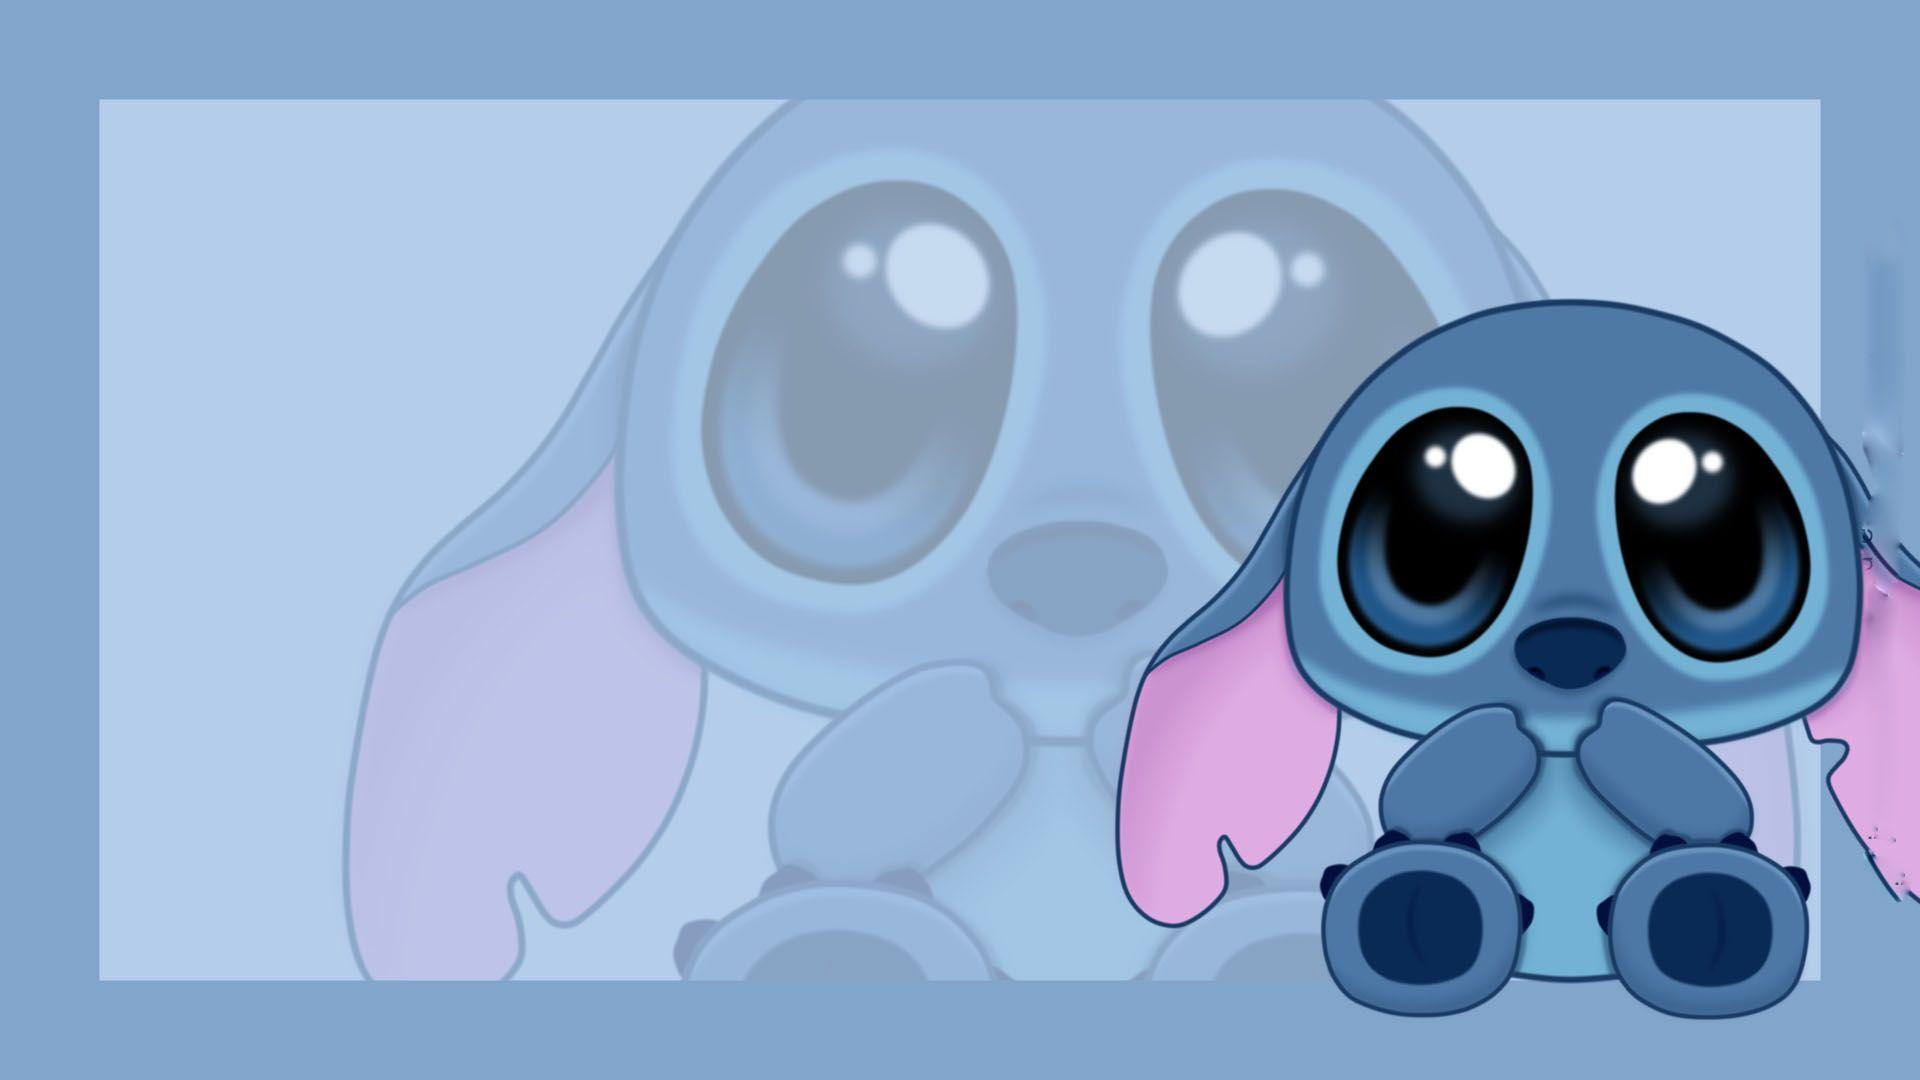 Pin By จเร ช ยชนะทร พย On Cinnamon Rolls In 2020 Lilo And Stitch Stitch Disney Cute Stitch